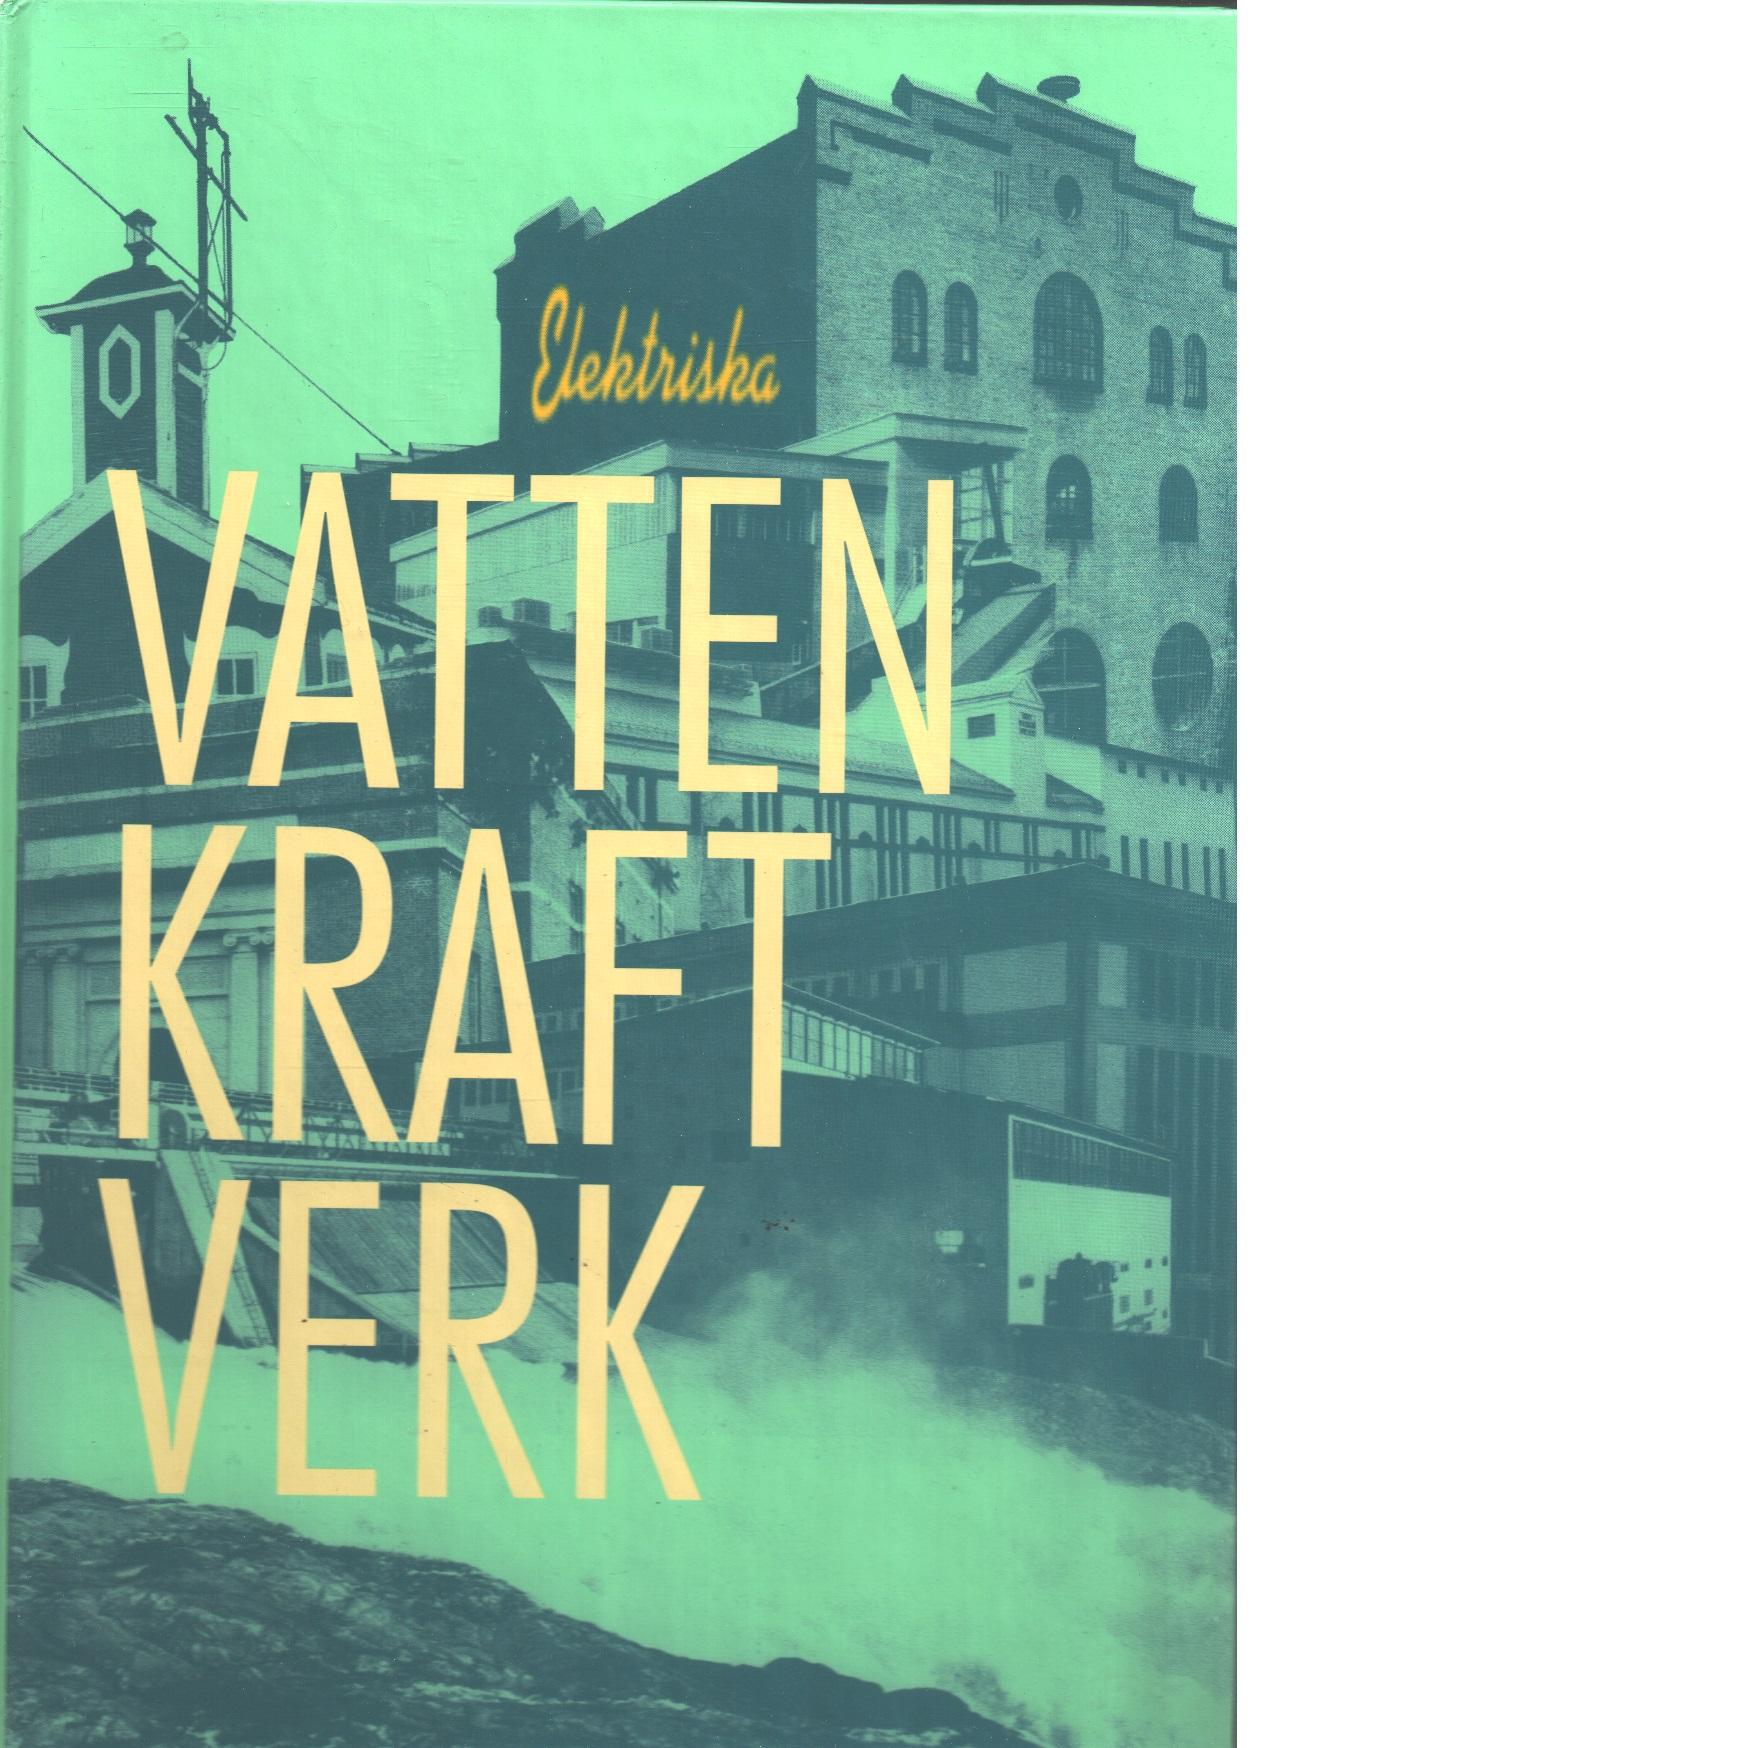 Elektriska vattenkraftverk : kulturhistoriskt värdefulla anläggningar 1891-1950 - Brunnström, Lasse och Spade, Bengt